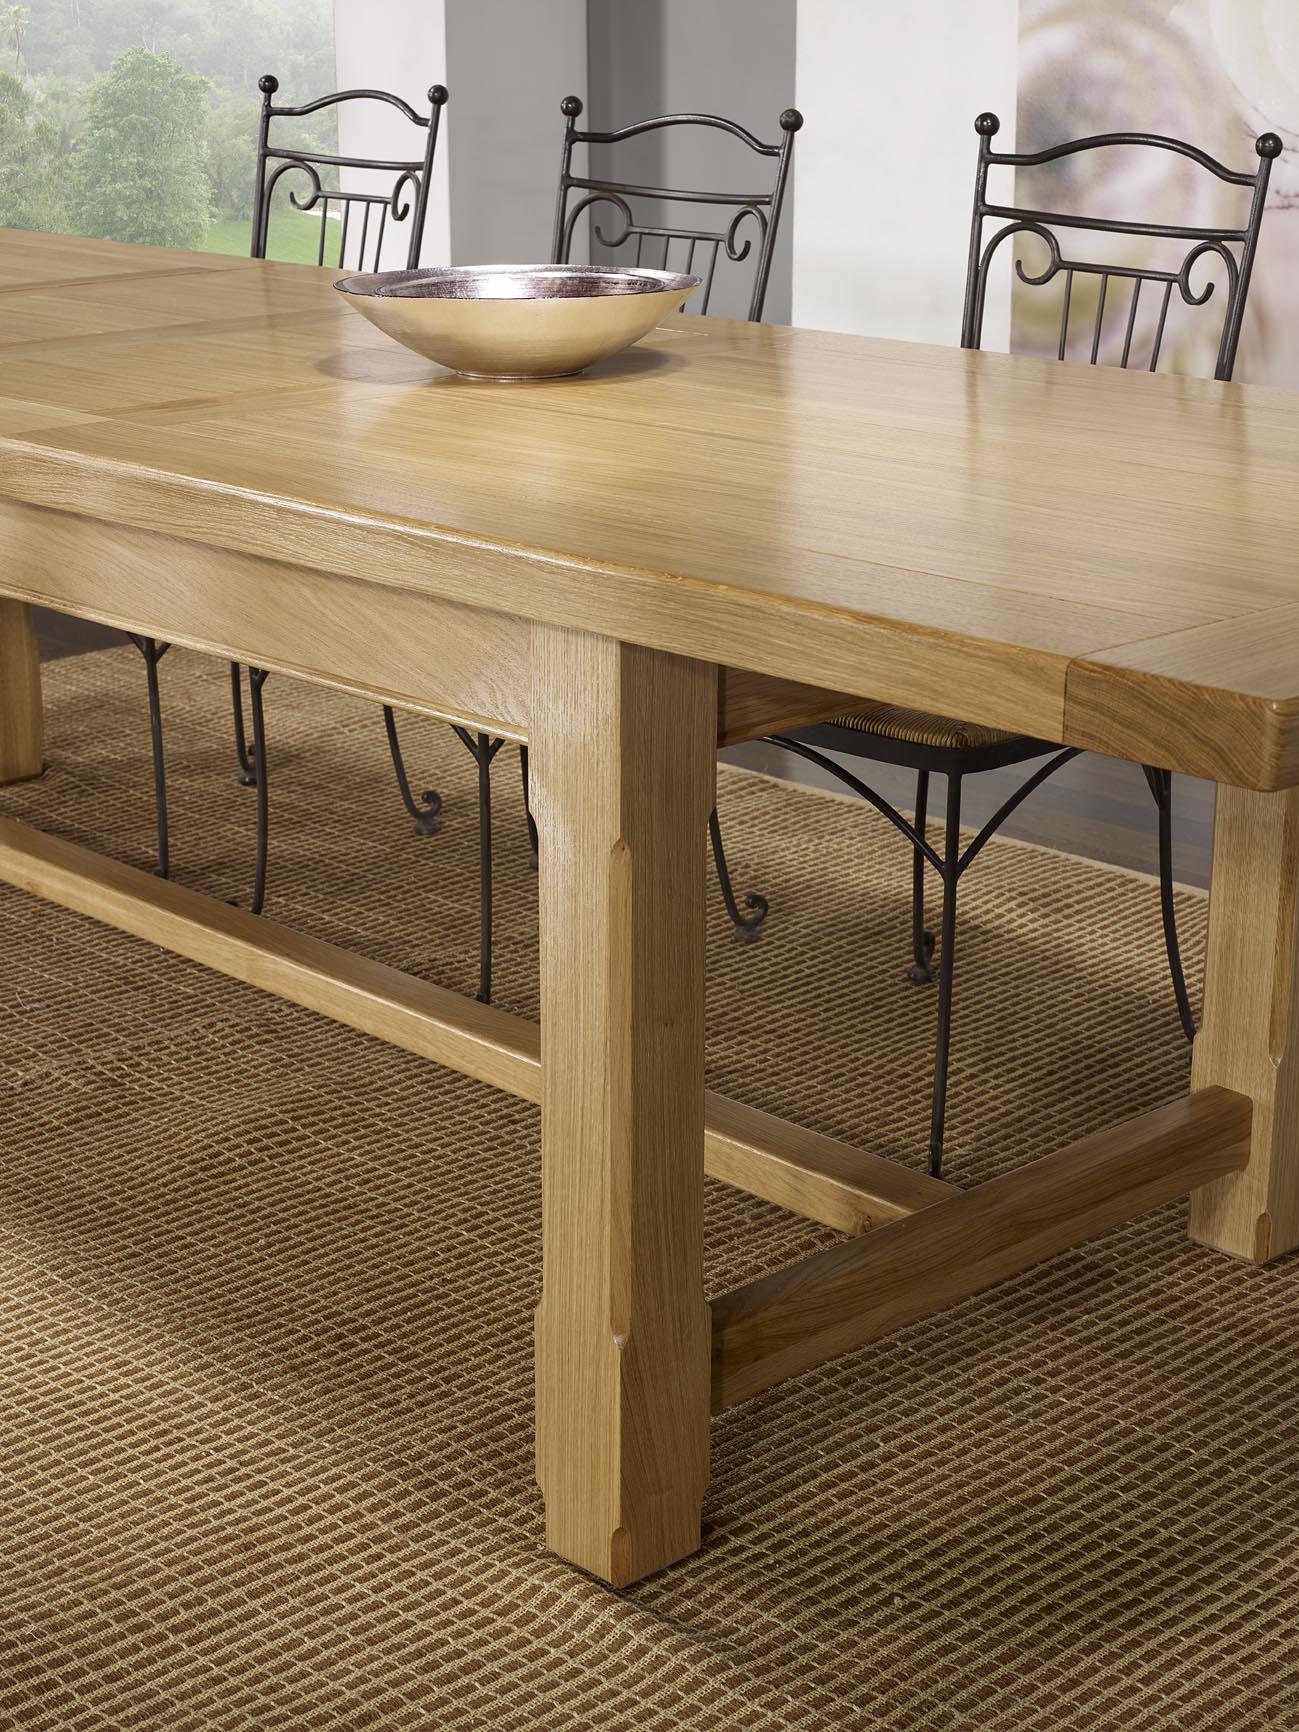 table de ferme axel en ch ne massif 250x100 2 allonges de 45 cm finition traditionnelle. Black Bedroom Furniture Sets. Home Design Ideas